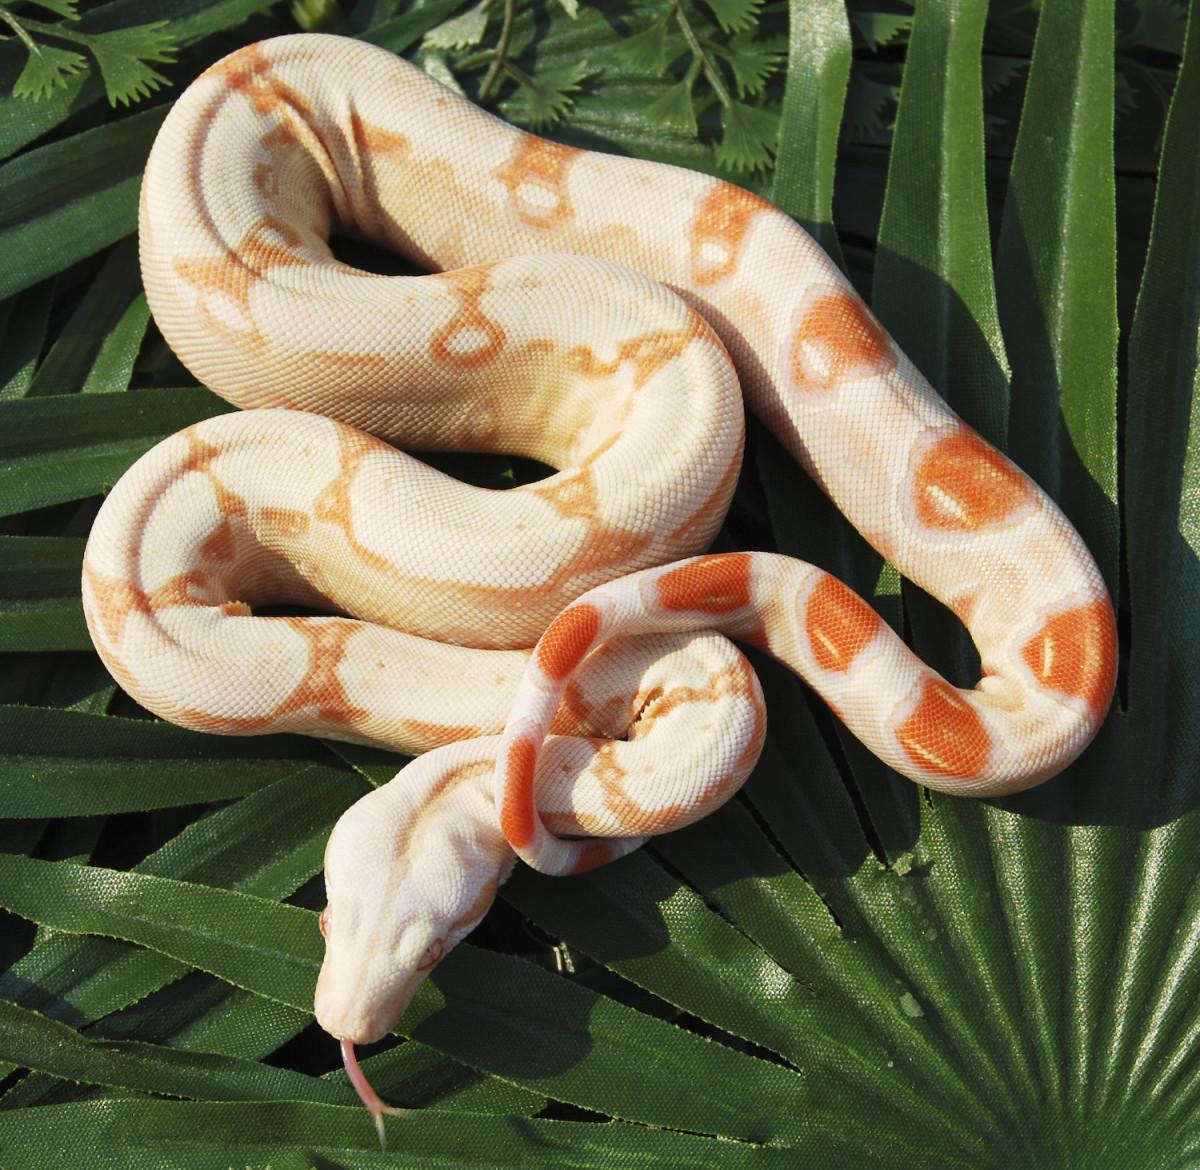 Albino Red Tail Boa Constrictor